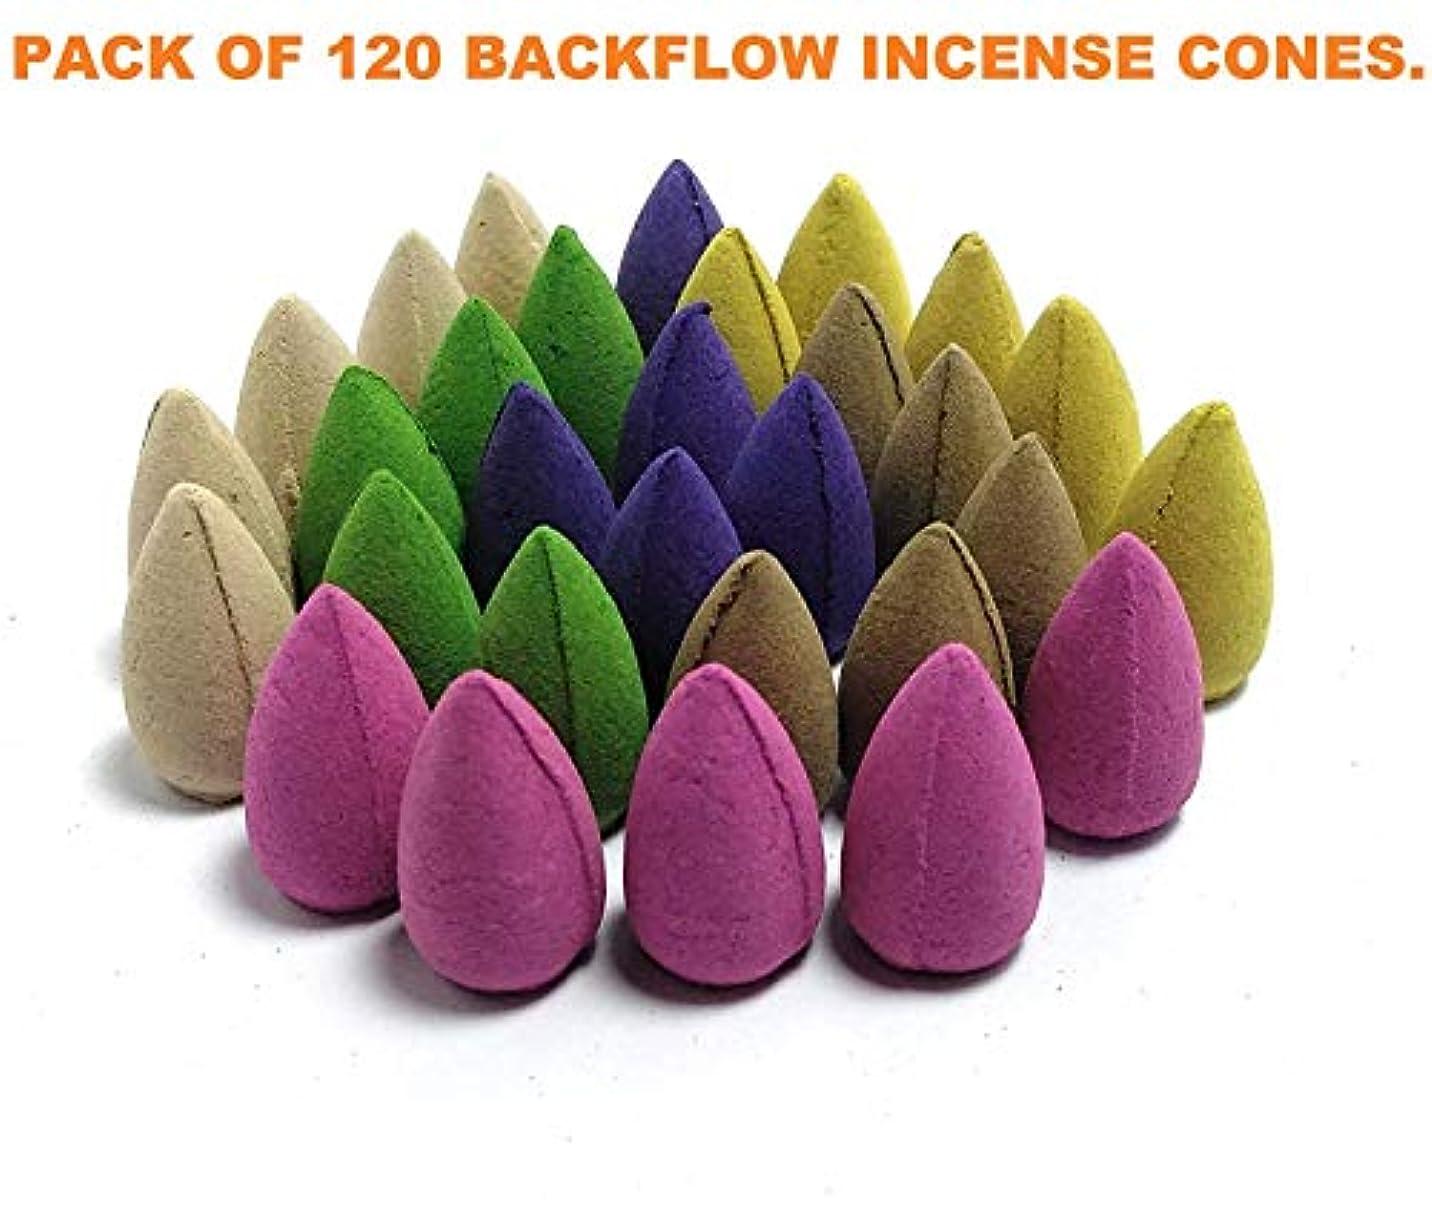 請求ファイアルレコーダーNYRWANA Backflow Incense Cones, Rose/Jasmine/Lavender Fragrances,(Multicolour) - Pack of 120